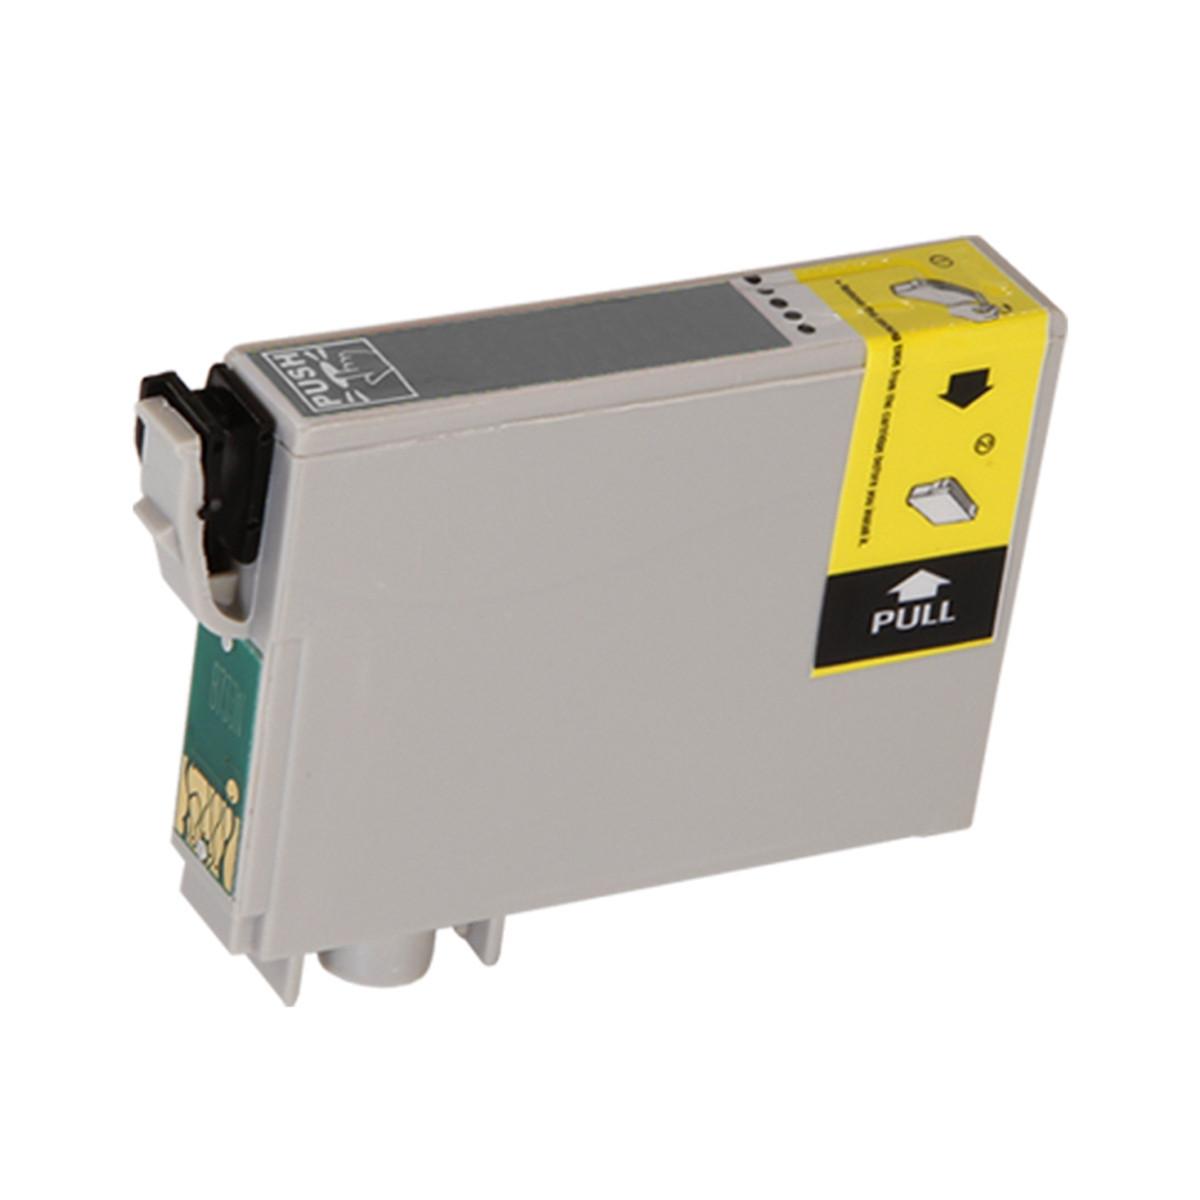 Cartucho de Tinta Compatível com Epson T117120 T117 T1171 Preto | T23 T24 TX105 TX115 | 12 ml